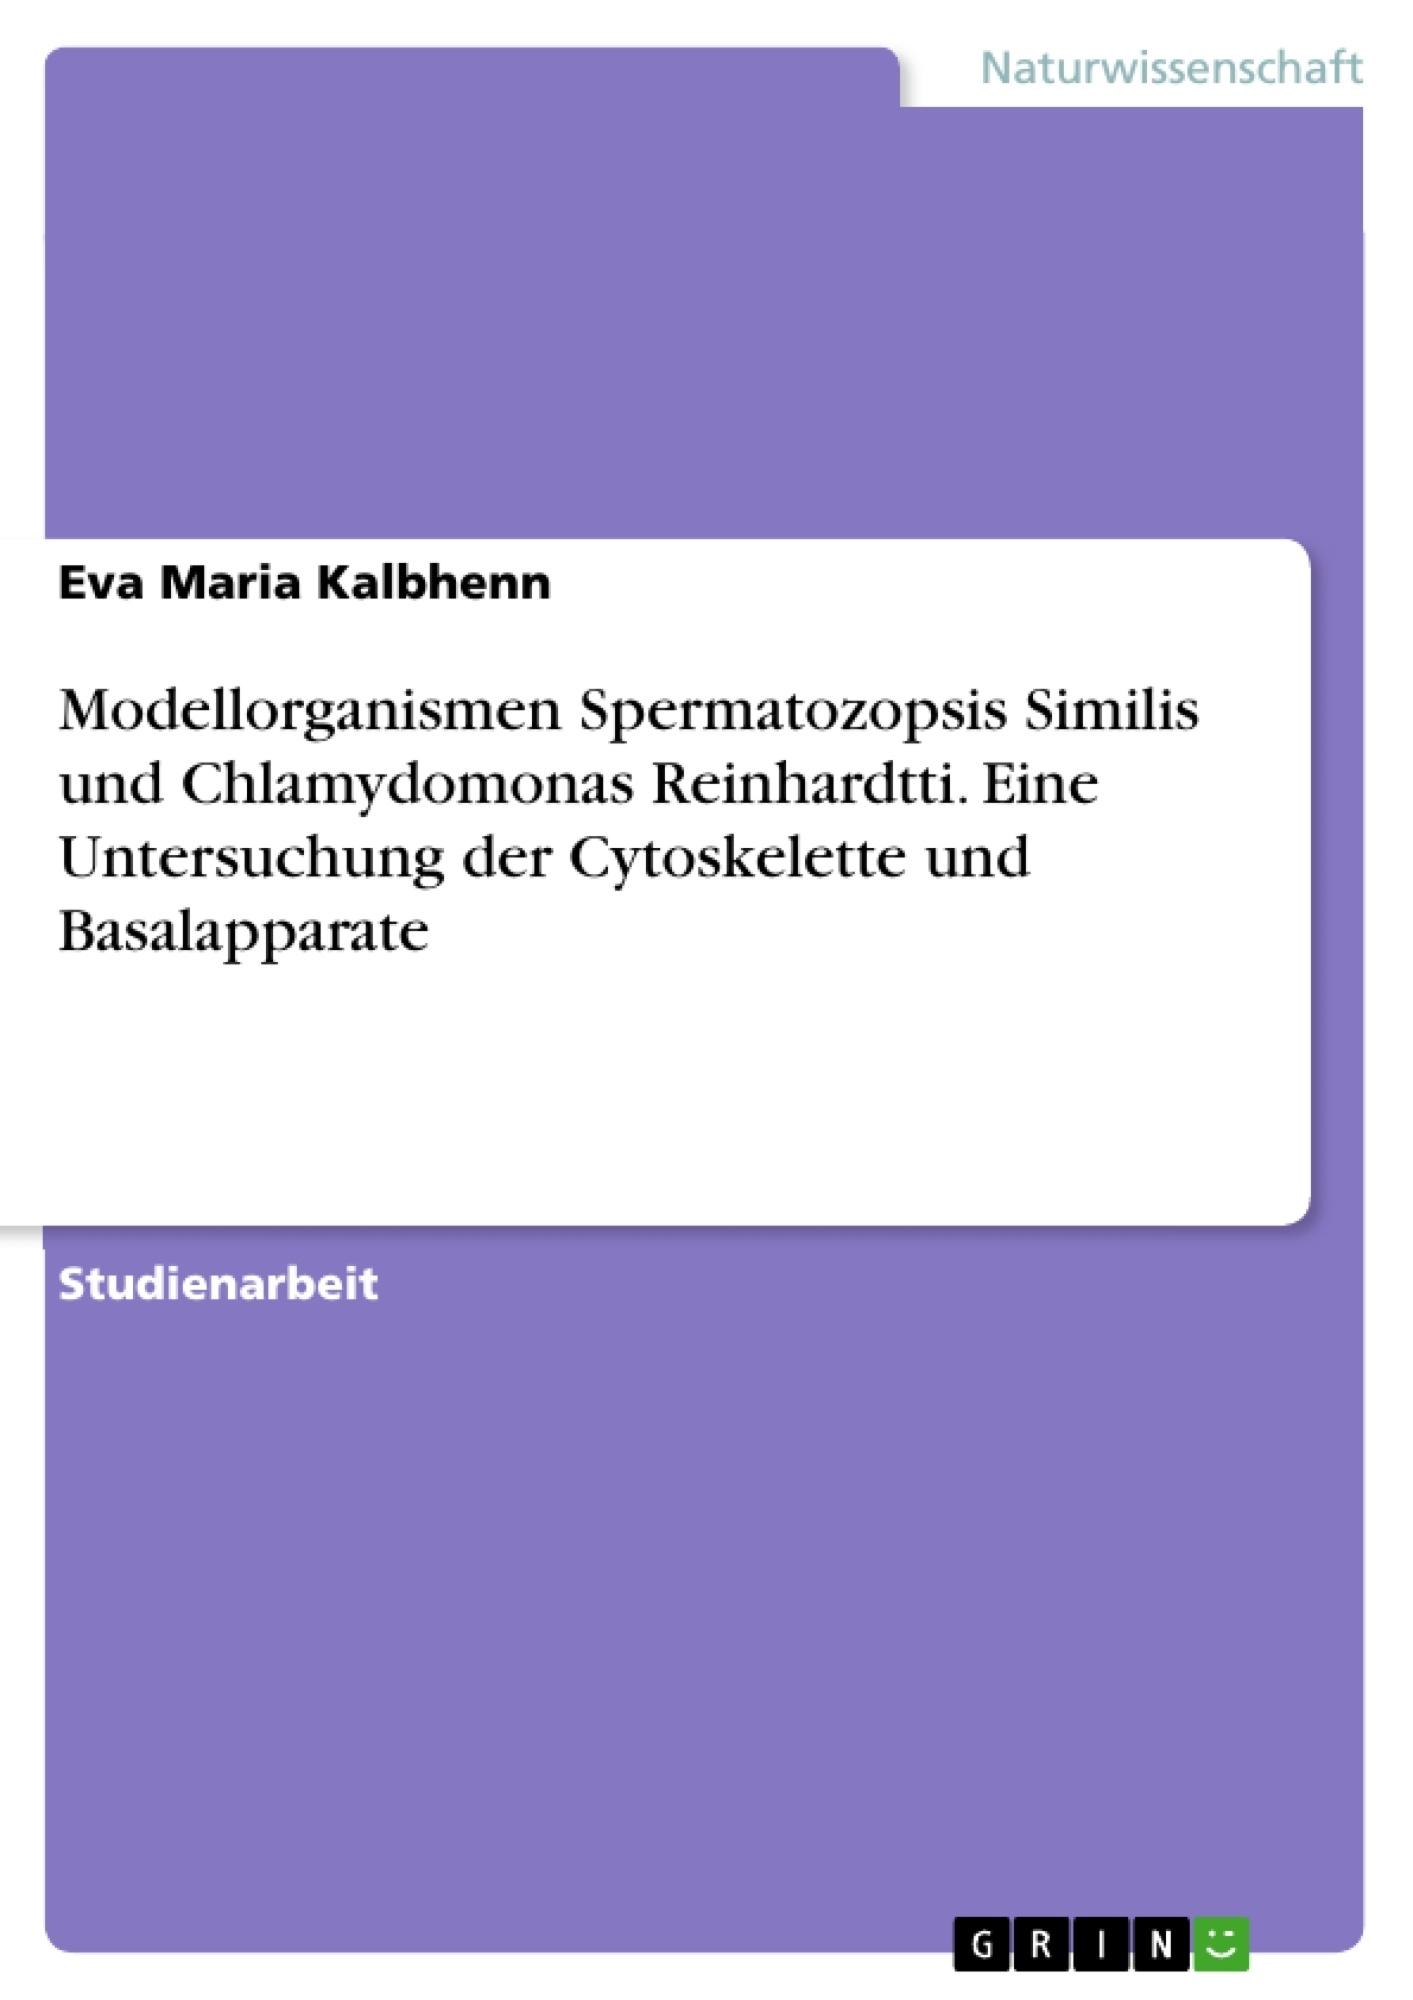 Titel: Modellorganismen Spermatozopsis Similis und Chlamydomonas Reinhardtti. Eine Untersuchung der Cytoskelette und Basalapparate